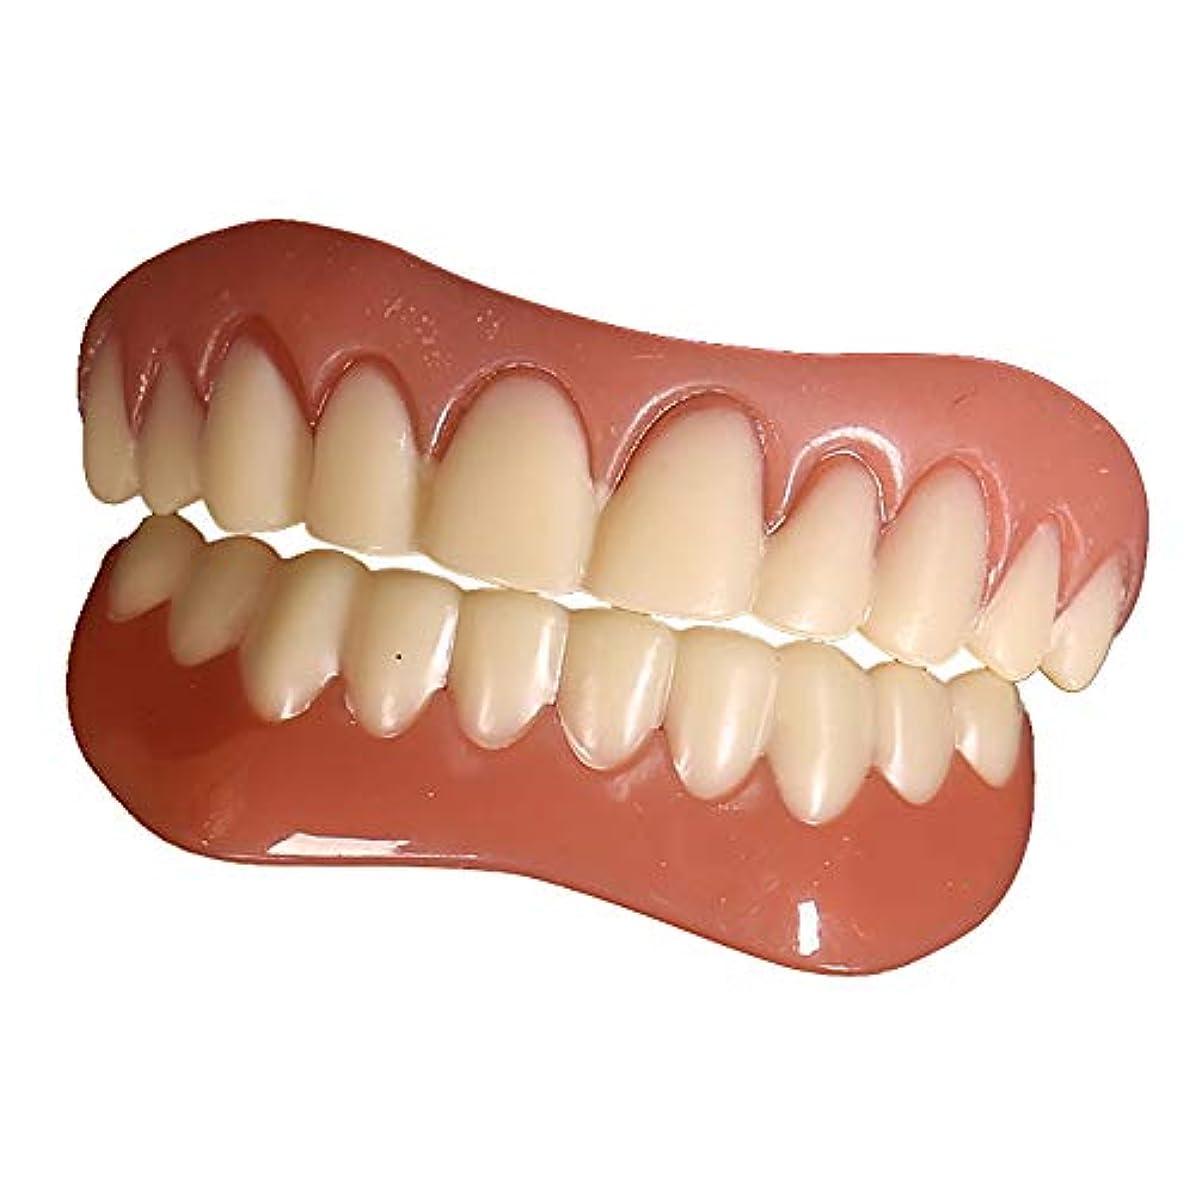 トマト分類リレーパーフェクトインスタントスマイルティースベニヤインスタントビューティー2本入れ歯2本下歯(フリーサイズ(中))